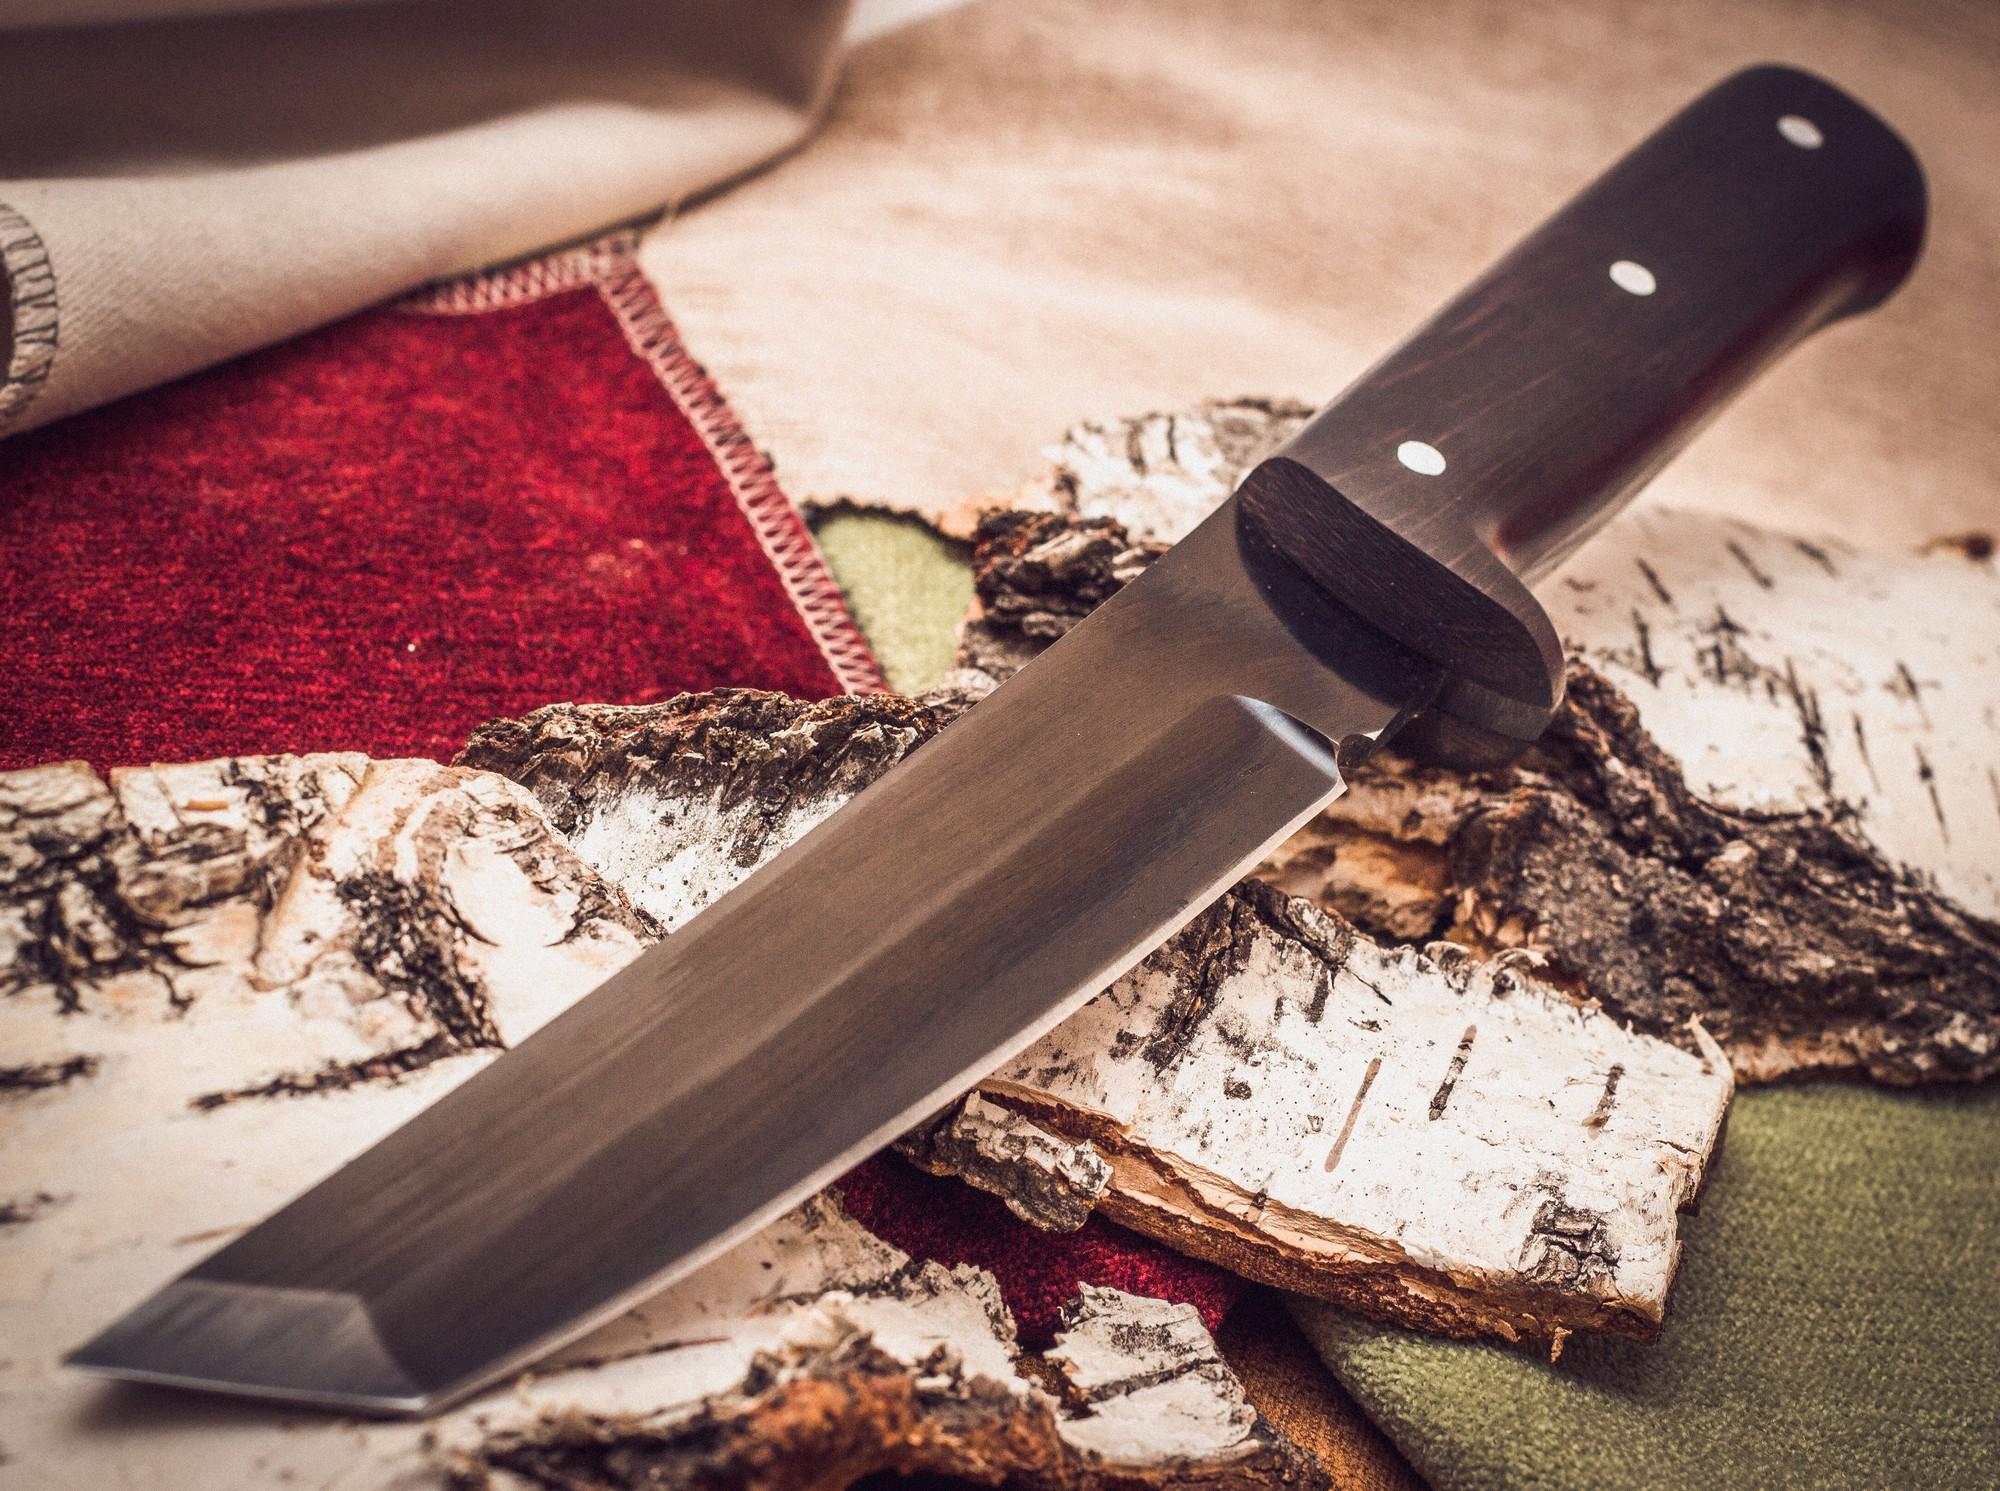 Фото 5 - Нож Тантоид MT-12, черный граб, сталь 65Г